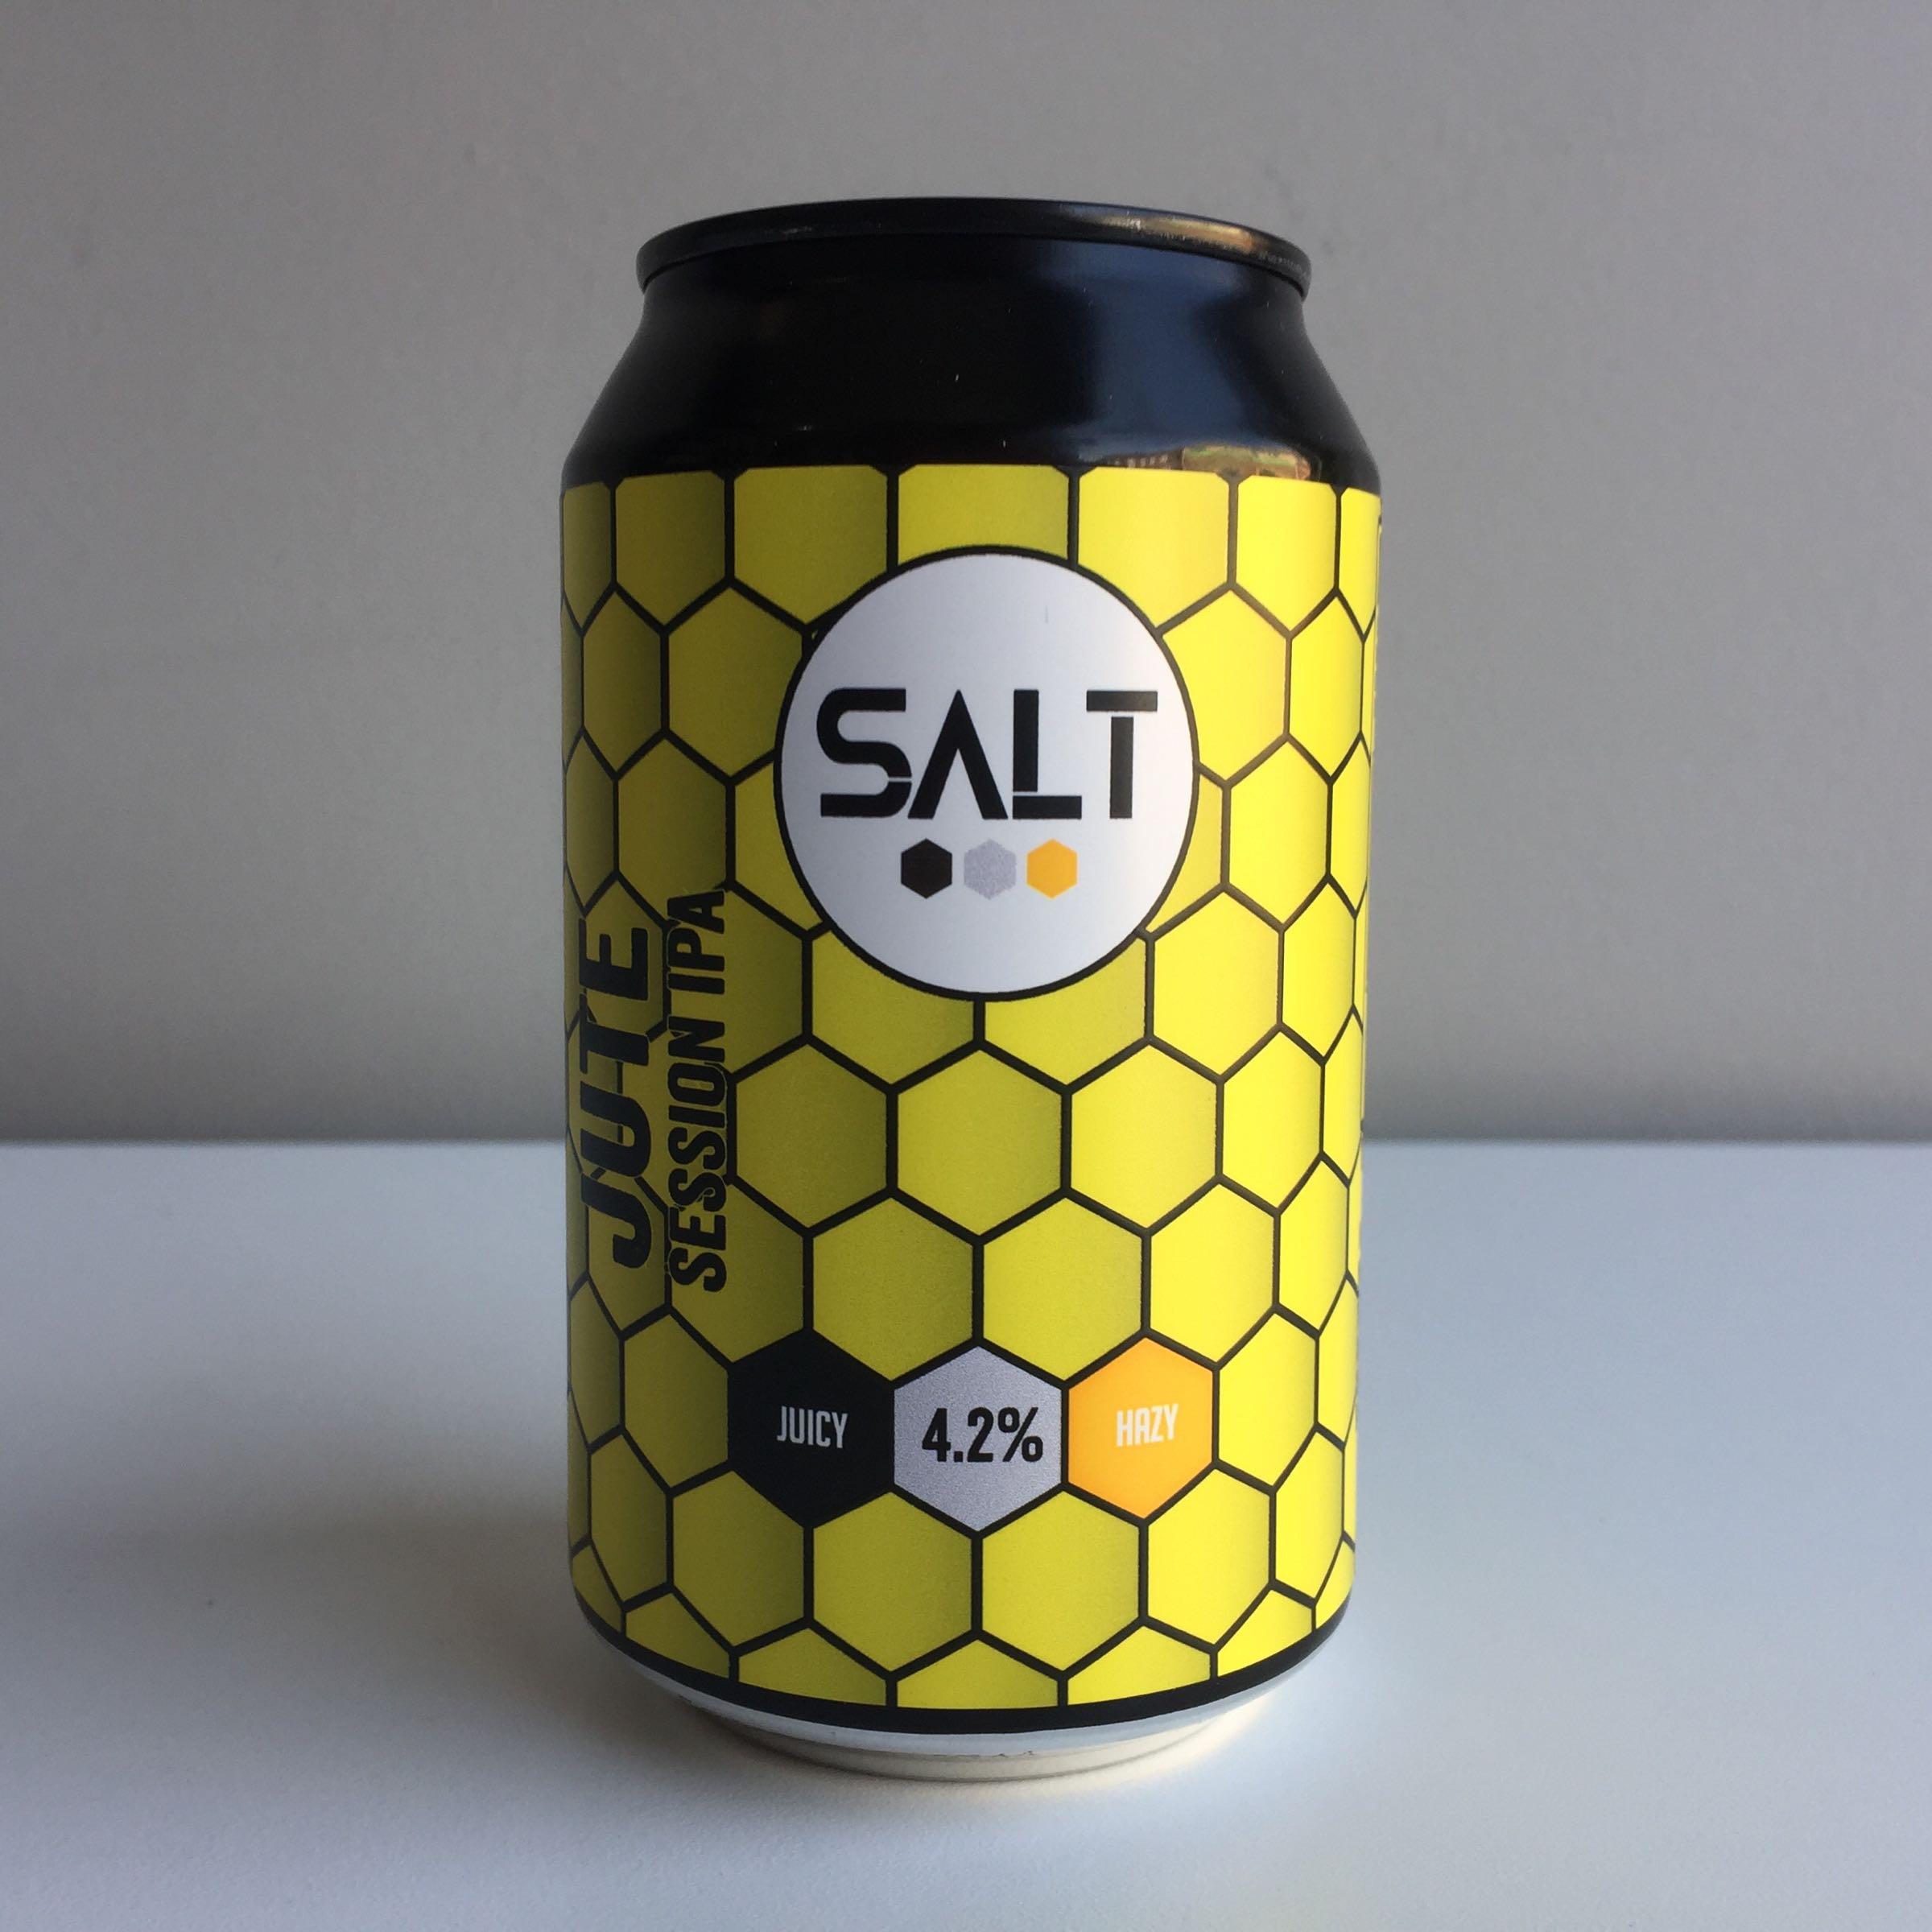 Salt 'Jute' Session IPA 4.2% ABV